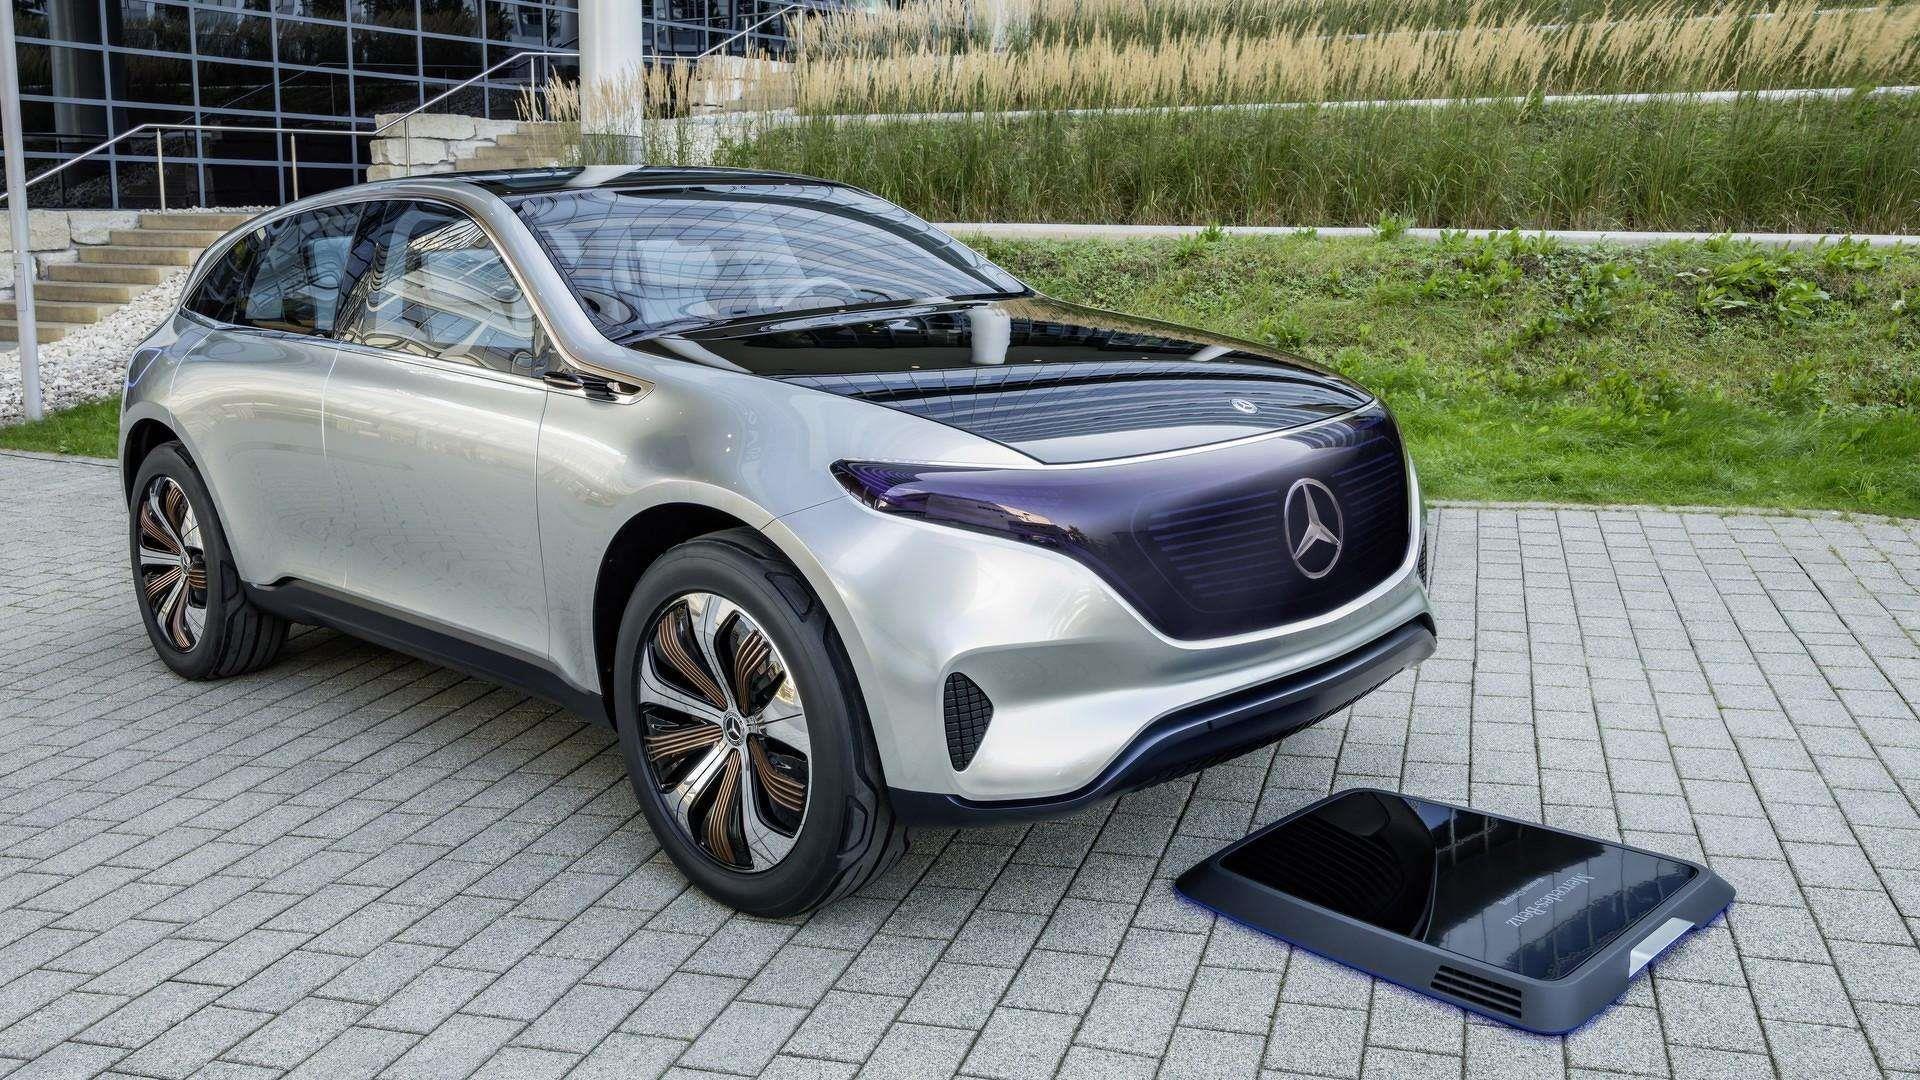 奔驰纯电动汽车EQC有前途吗?